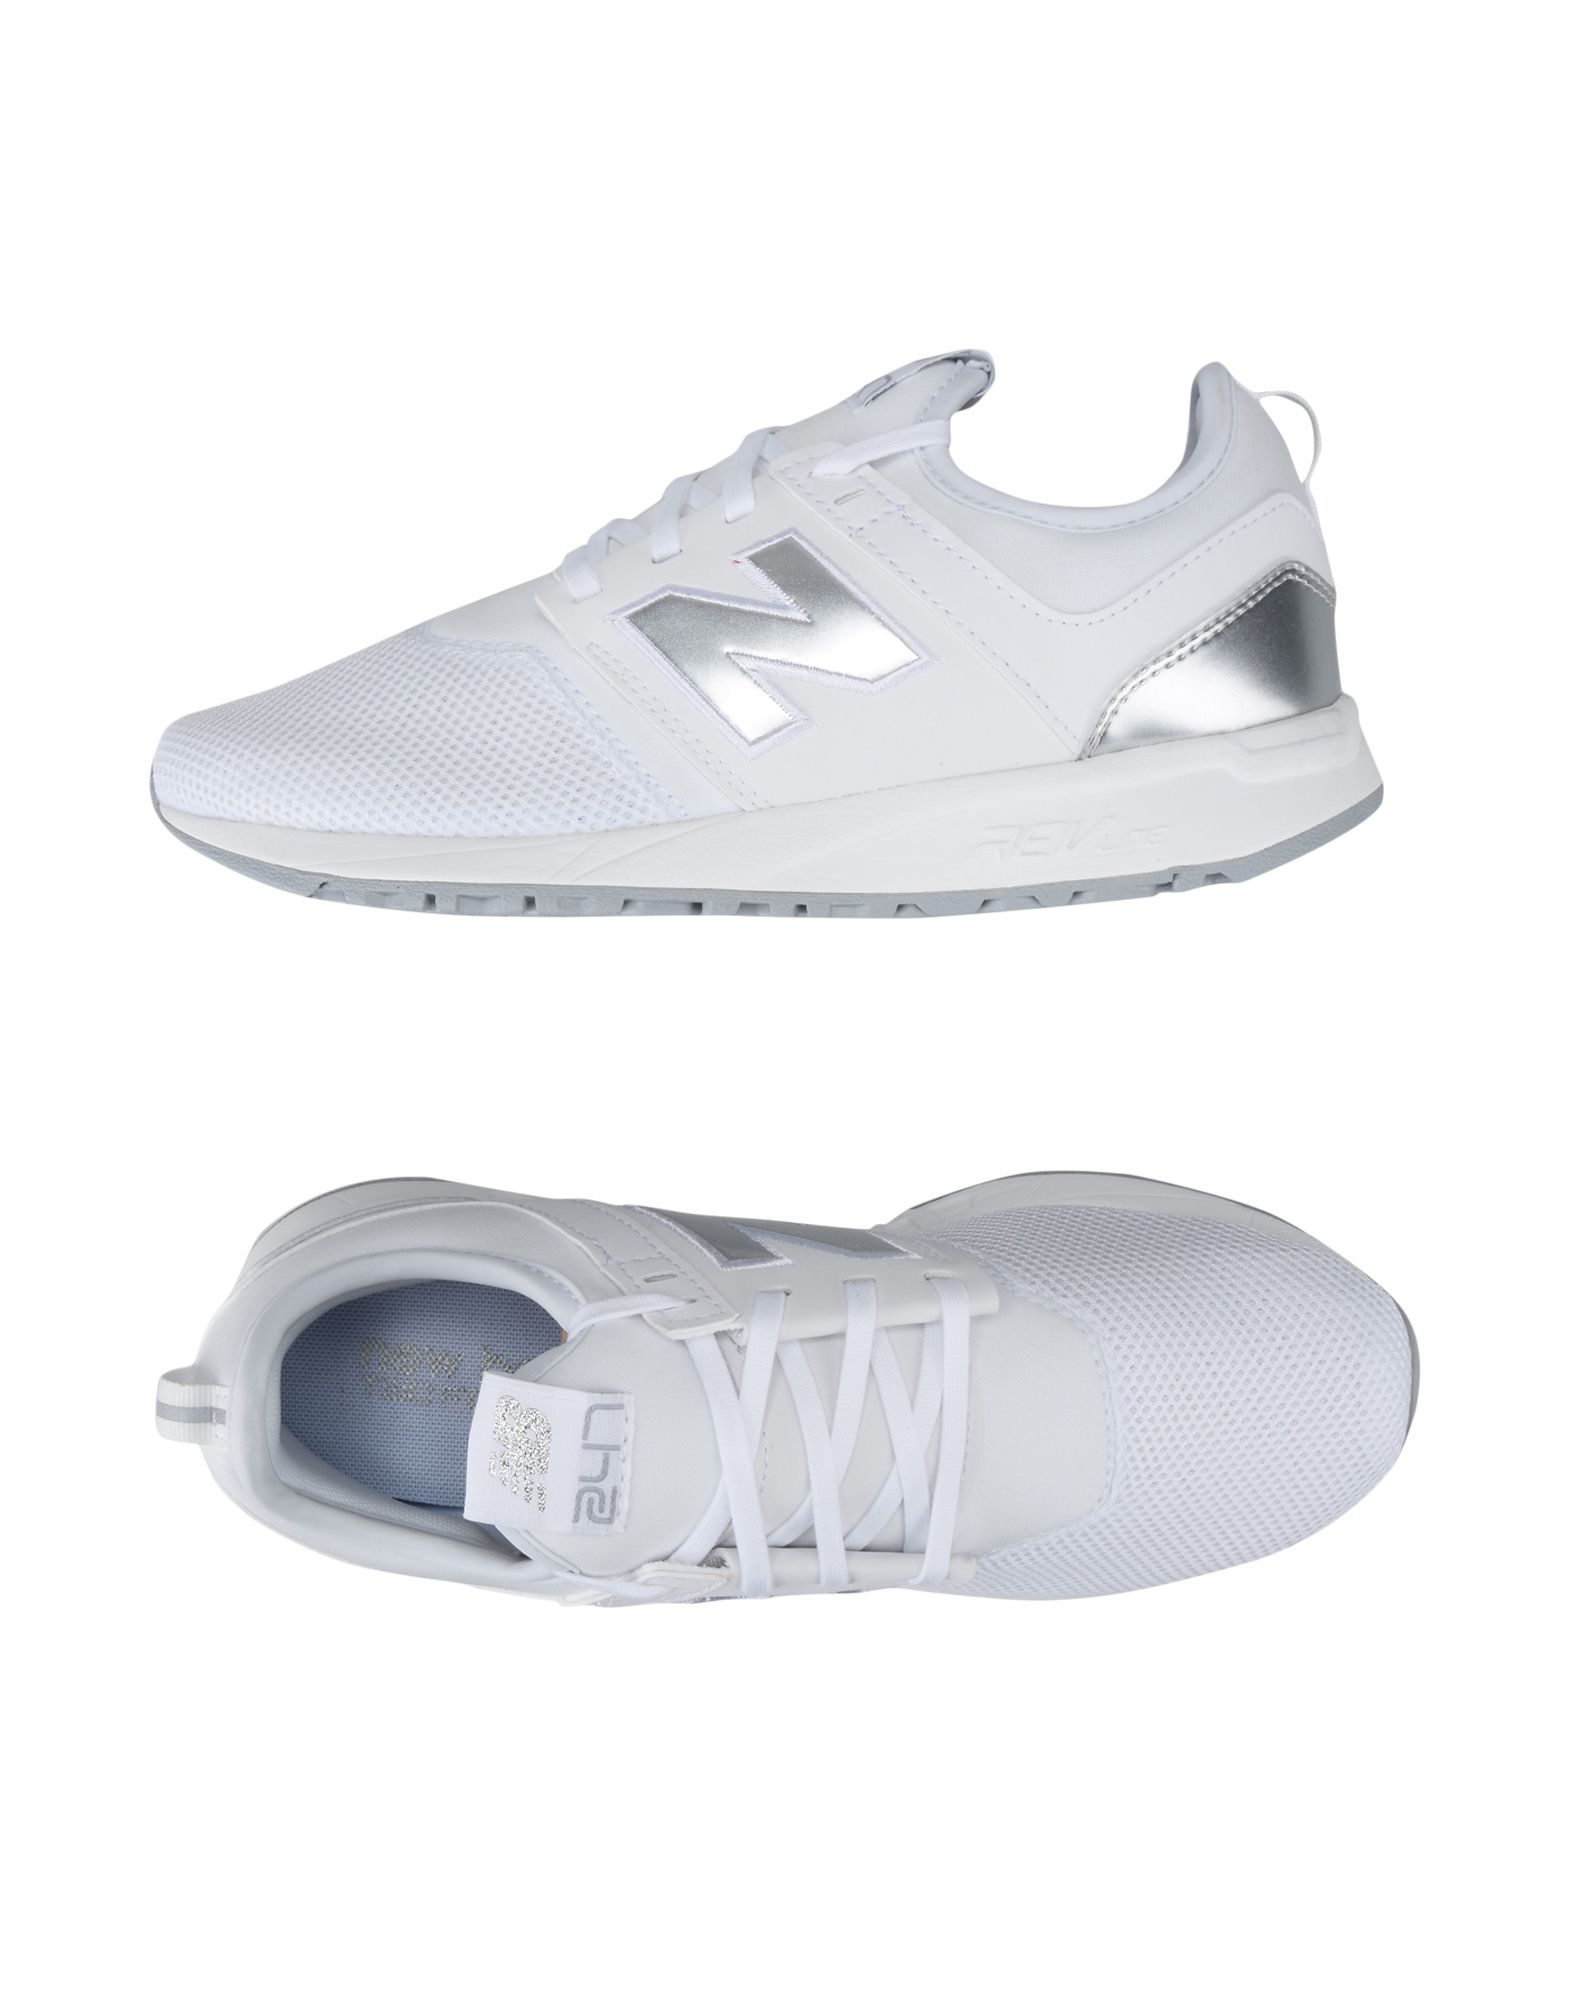 New Balance 247 White Silver Pack  11264701DF Gute Qualität beliebte Schuhe